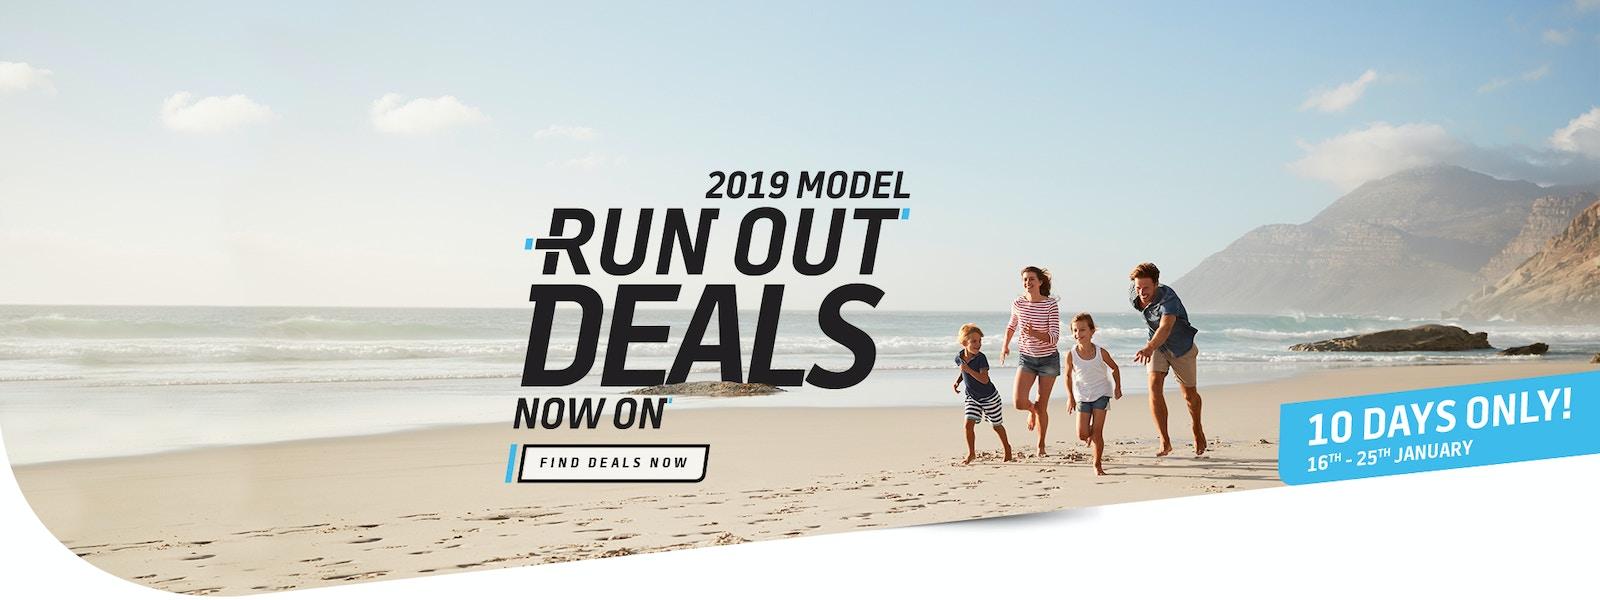 Run Out Deals